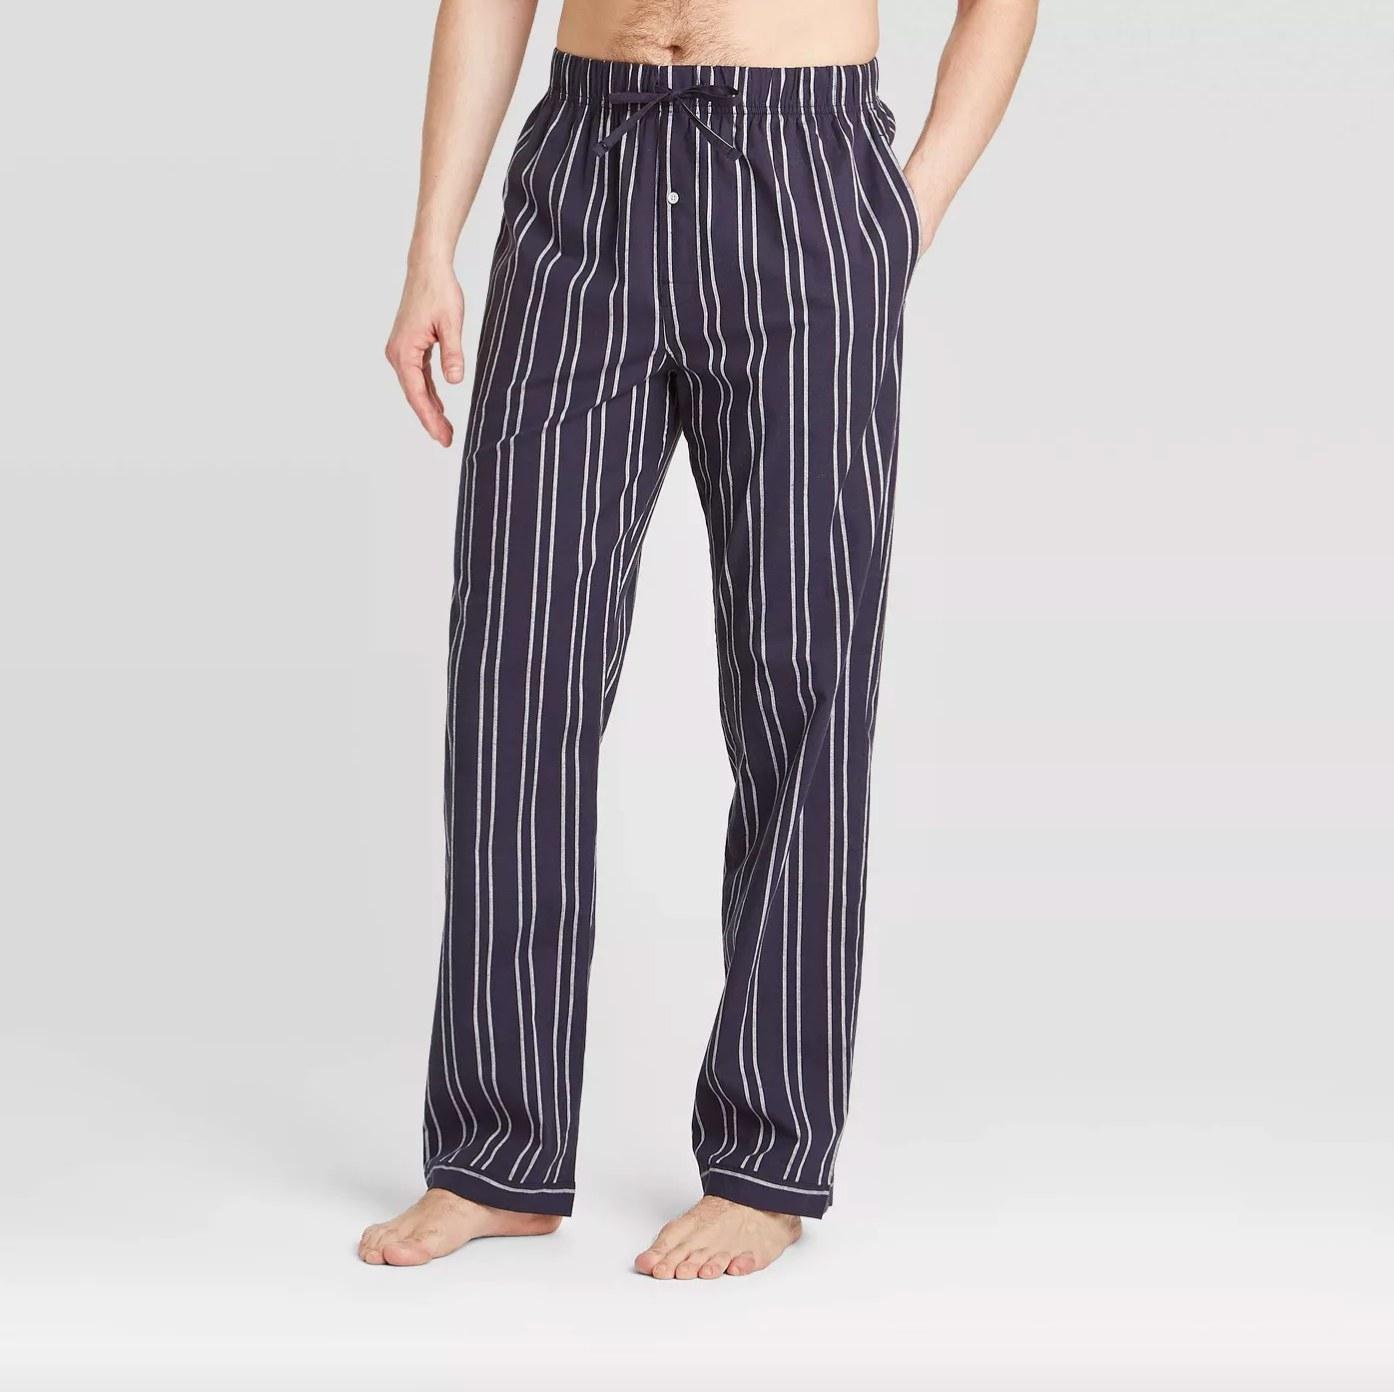 The pajama pants in poplin